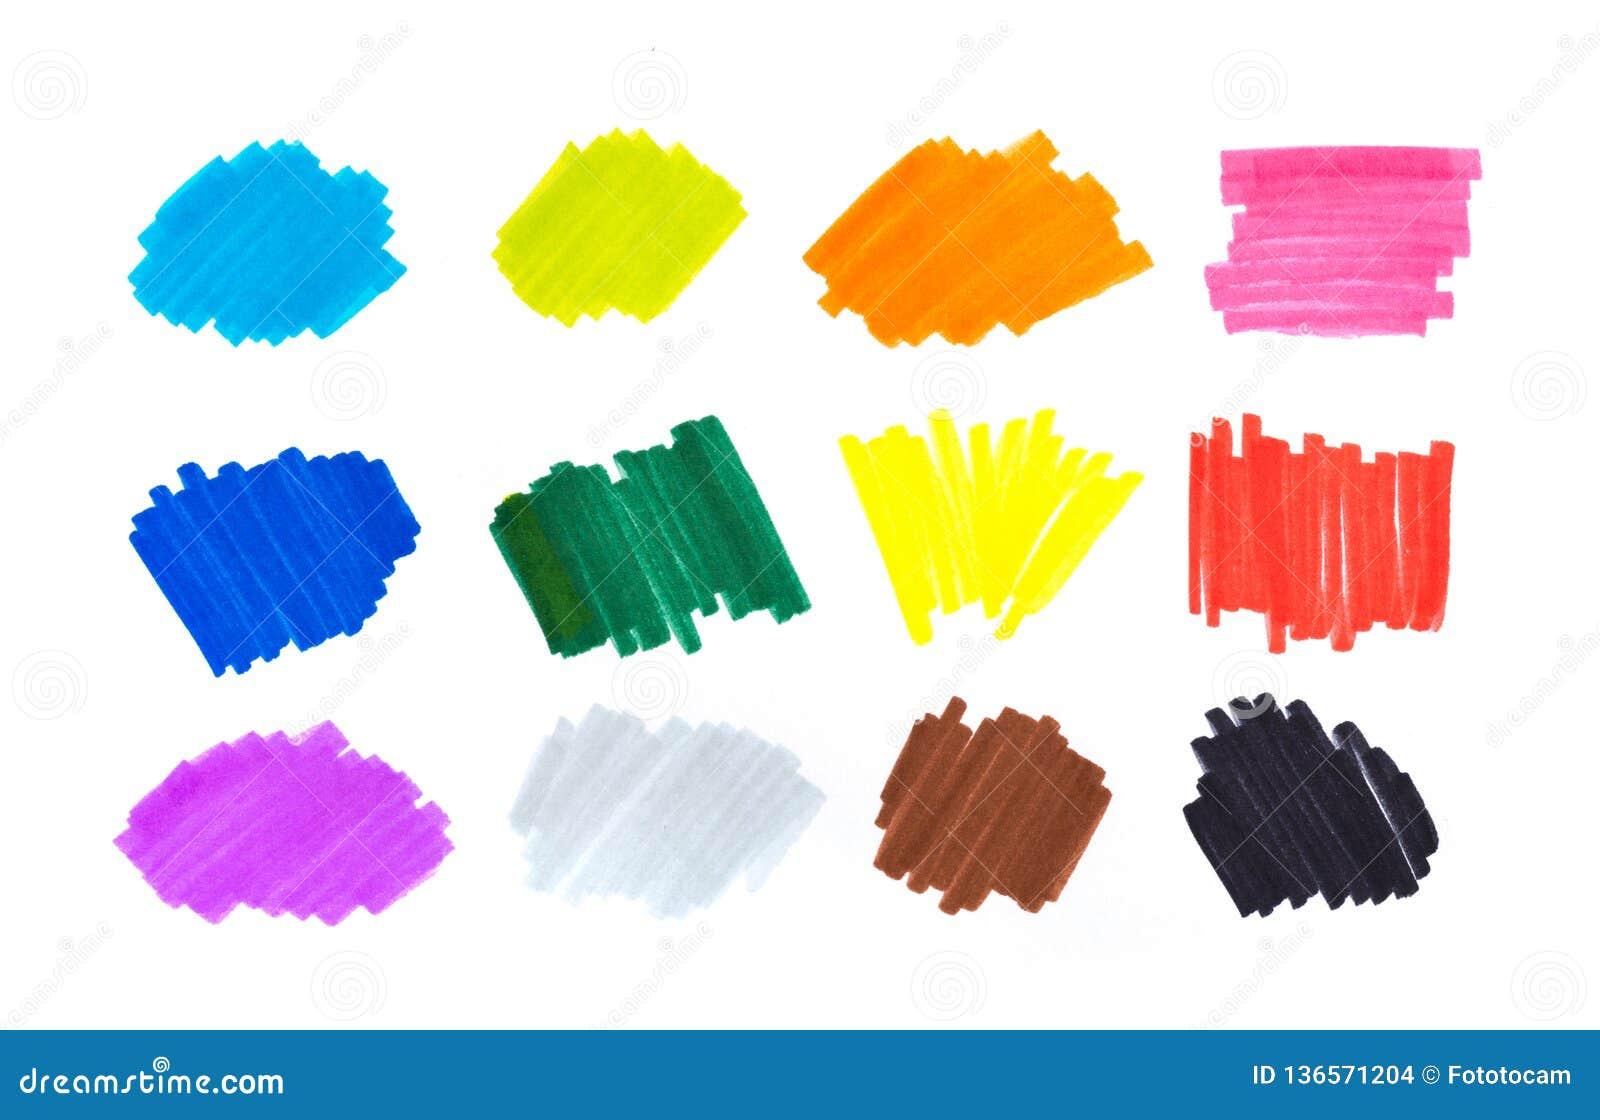 Rayas del punto culminante del color, banderas dibujadas con los marcadores Elementos elegantes del punto culminante para el dise